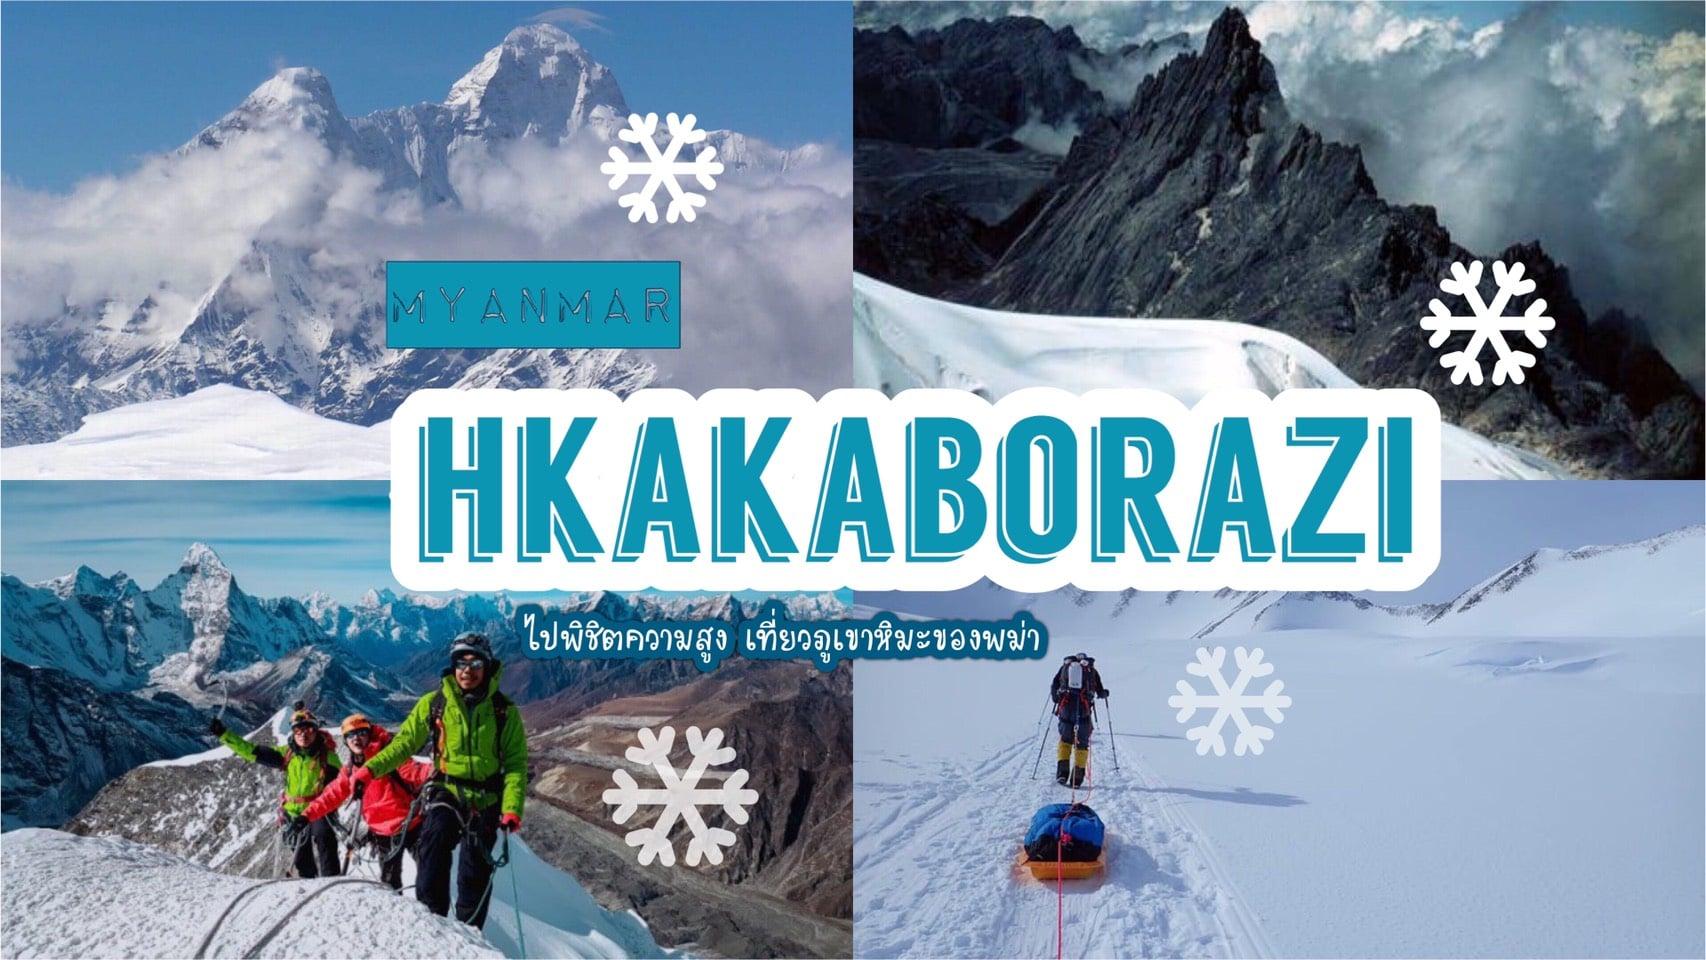 ทัวร์พม่า – เที่ยวภูเขาหิมะข่ากาโบราซีแห่งเมียนมาร์ หนึ่งเดียวในอาเซียนที่มีหิมะตลอดทั้งปี